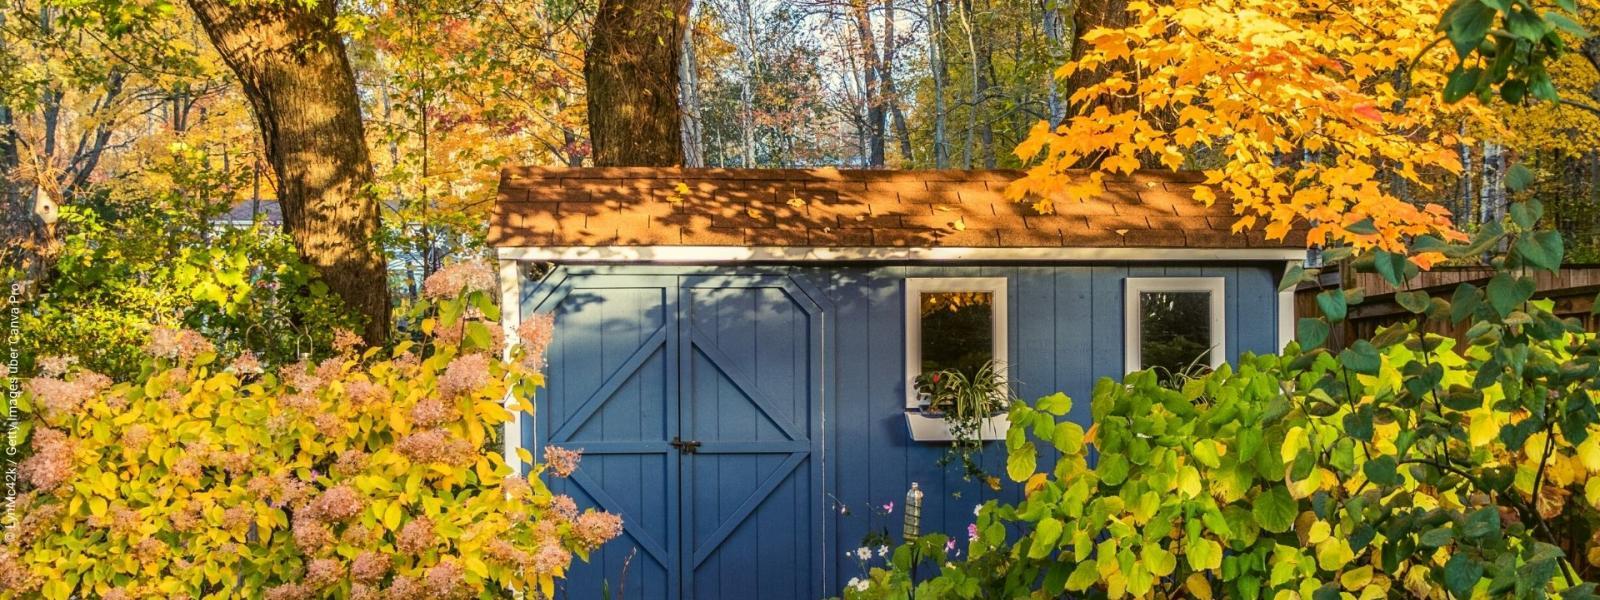 Mit unseren Herbst-Garten-Tipps gut über die kühle Jahreszeit kommen. LynMc42k / Getty Images über Canva Pro